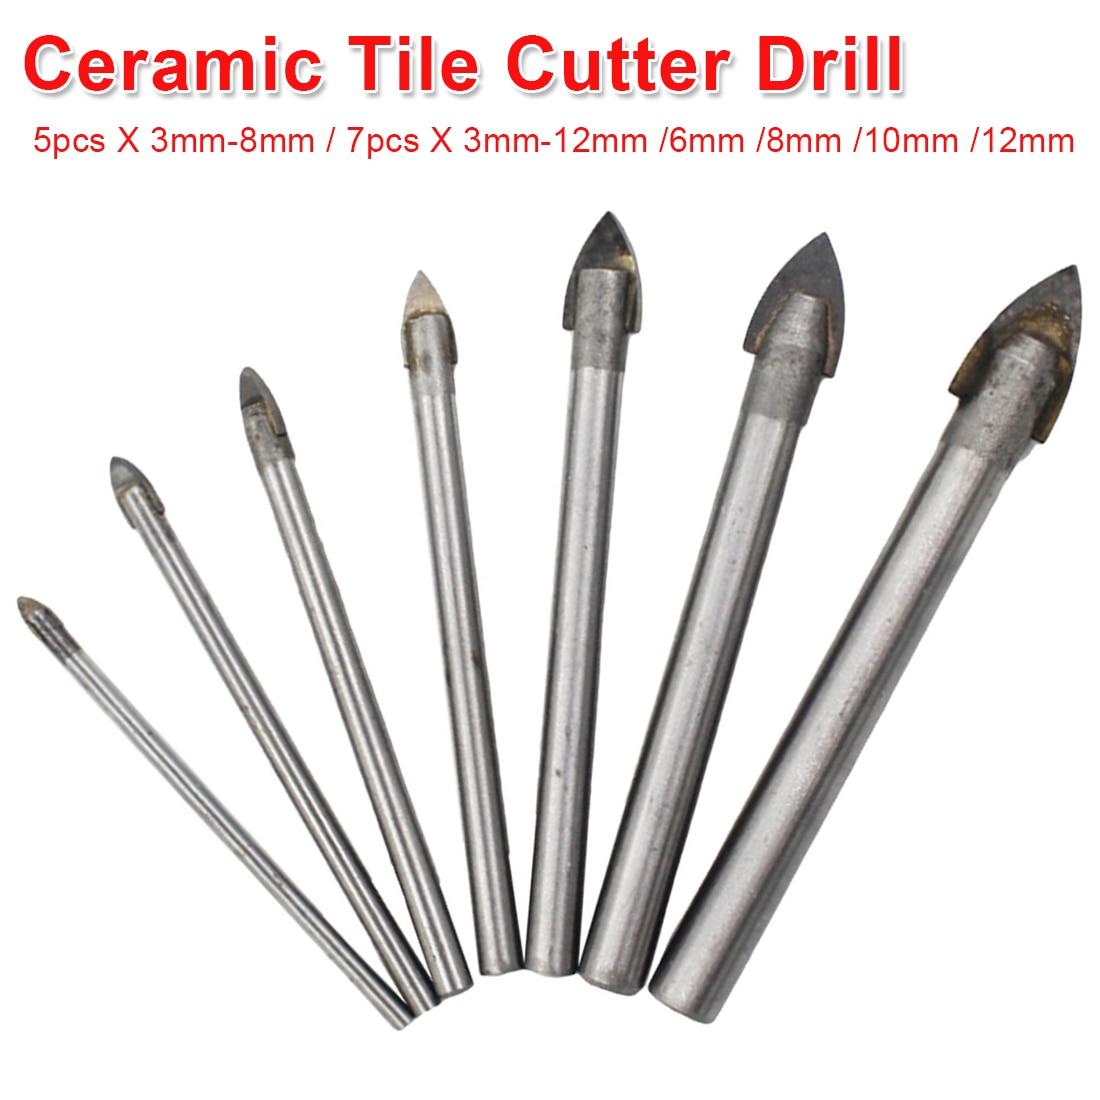 Porcelain Ceramic Tile Tungsten Carbide Drill Bit Set 3mm 4mm 5mm 6mm 8mm 10mm 12mm